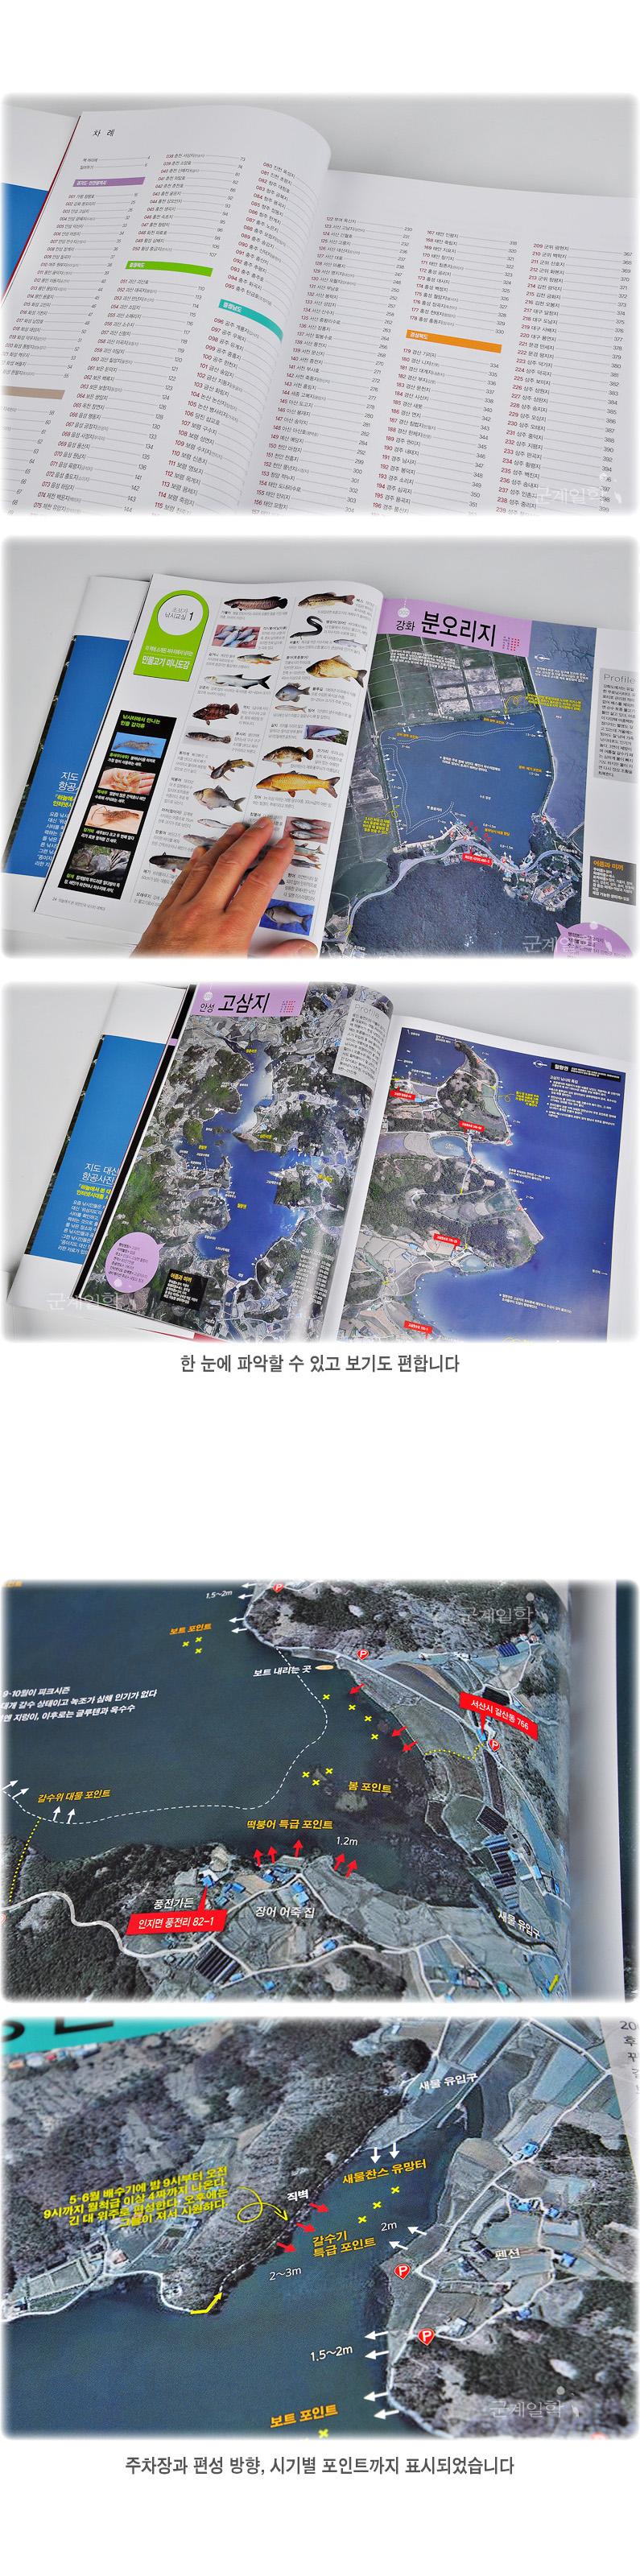 하늘에서 본 대한민국 낚시터 대백과 - 03.jpg